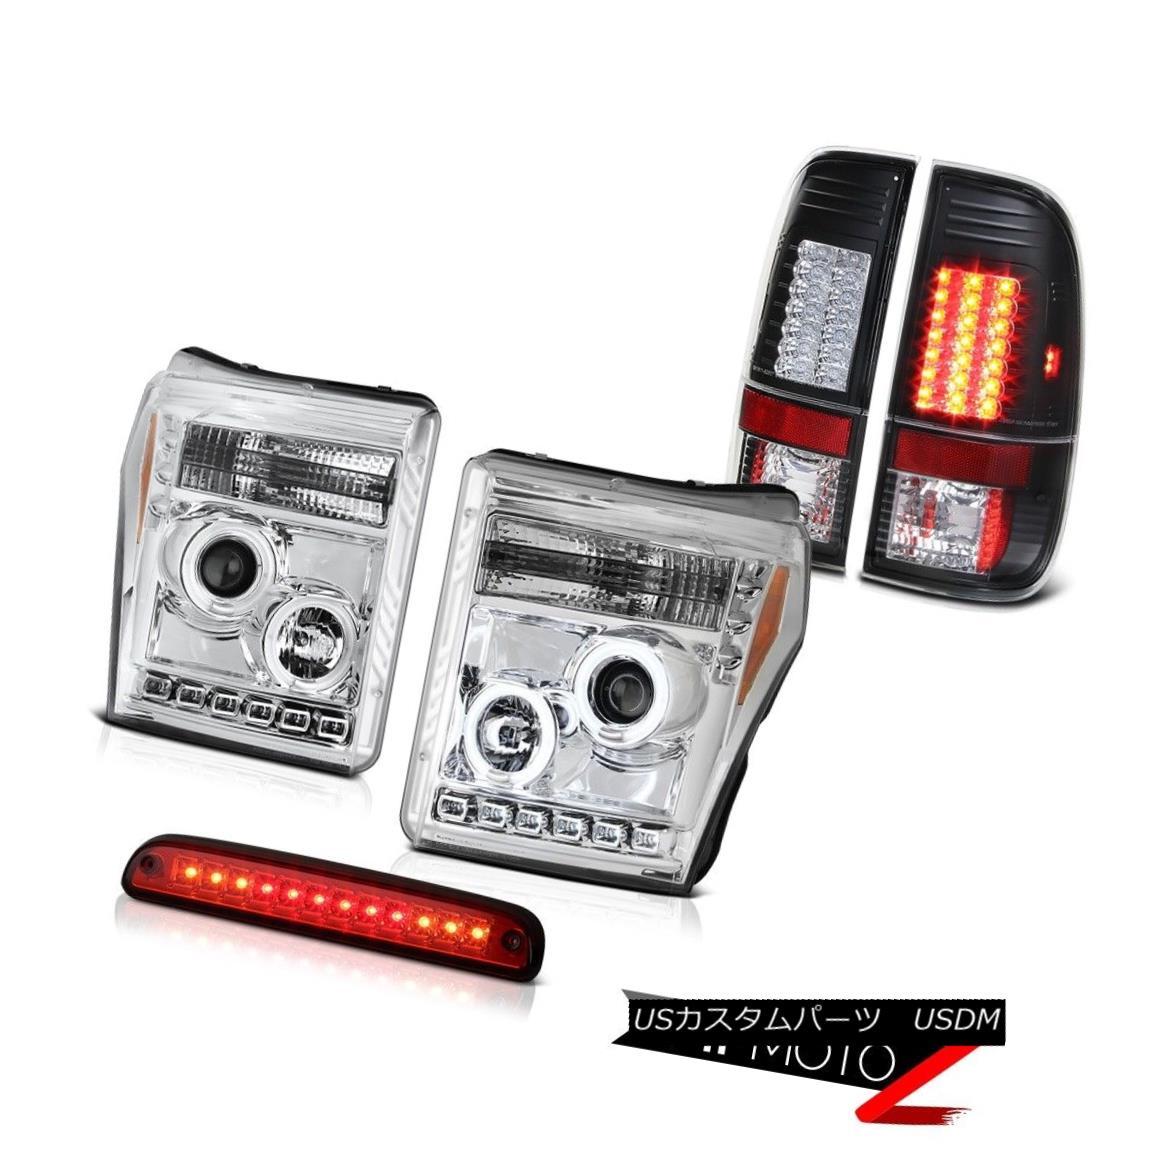 テールライト 11 12 13 14 15 16 F250 6.2L Roof Cargo Light Black Tail Lights Chrome Headlamps 11 12 13 14 15 16 F250 6.2Lルーフカーゴライトブラックテールライトクロームヘッドランプ